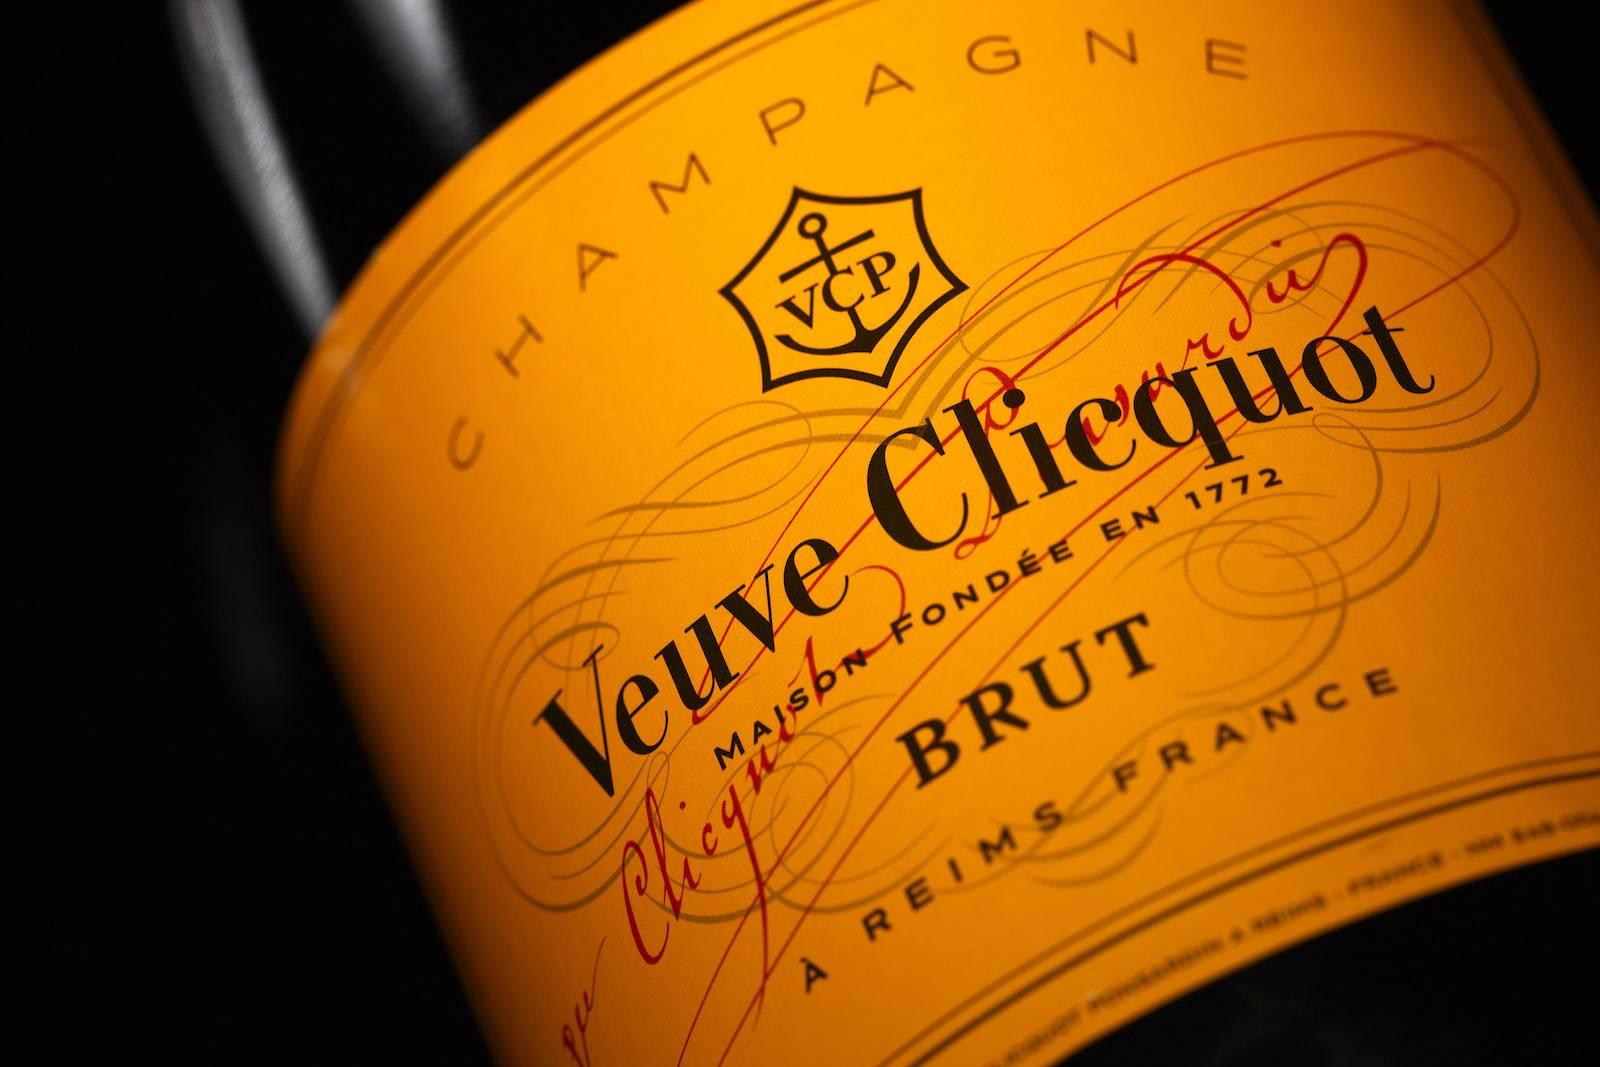 veuve clicquot champagne sugar baby daddy mundo